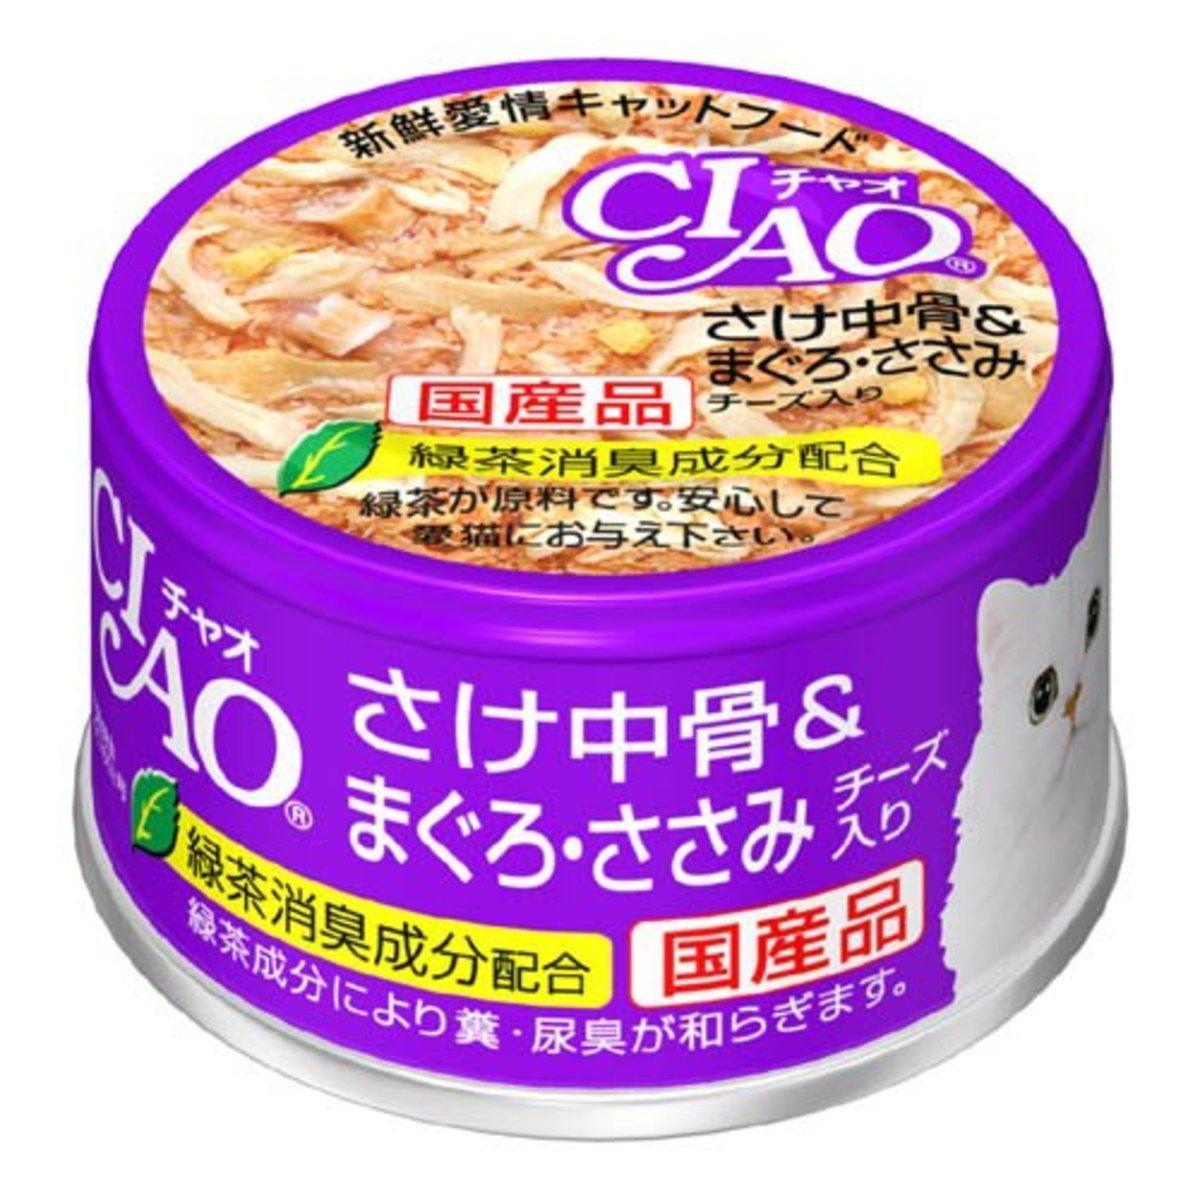 日本CIAO綠茶雞肉金槍魚芝士三文魚軟骨 C-55